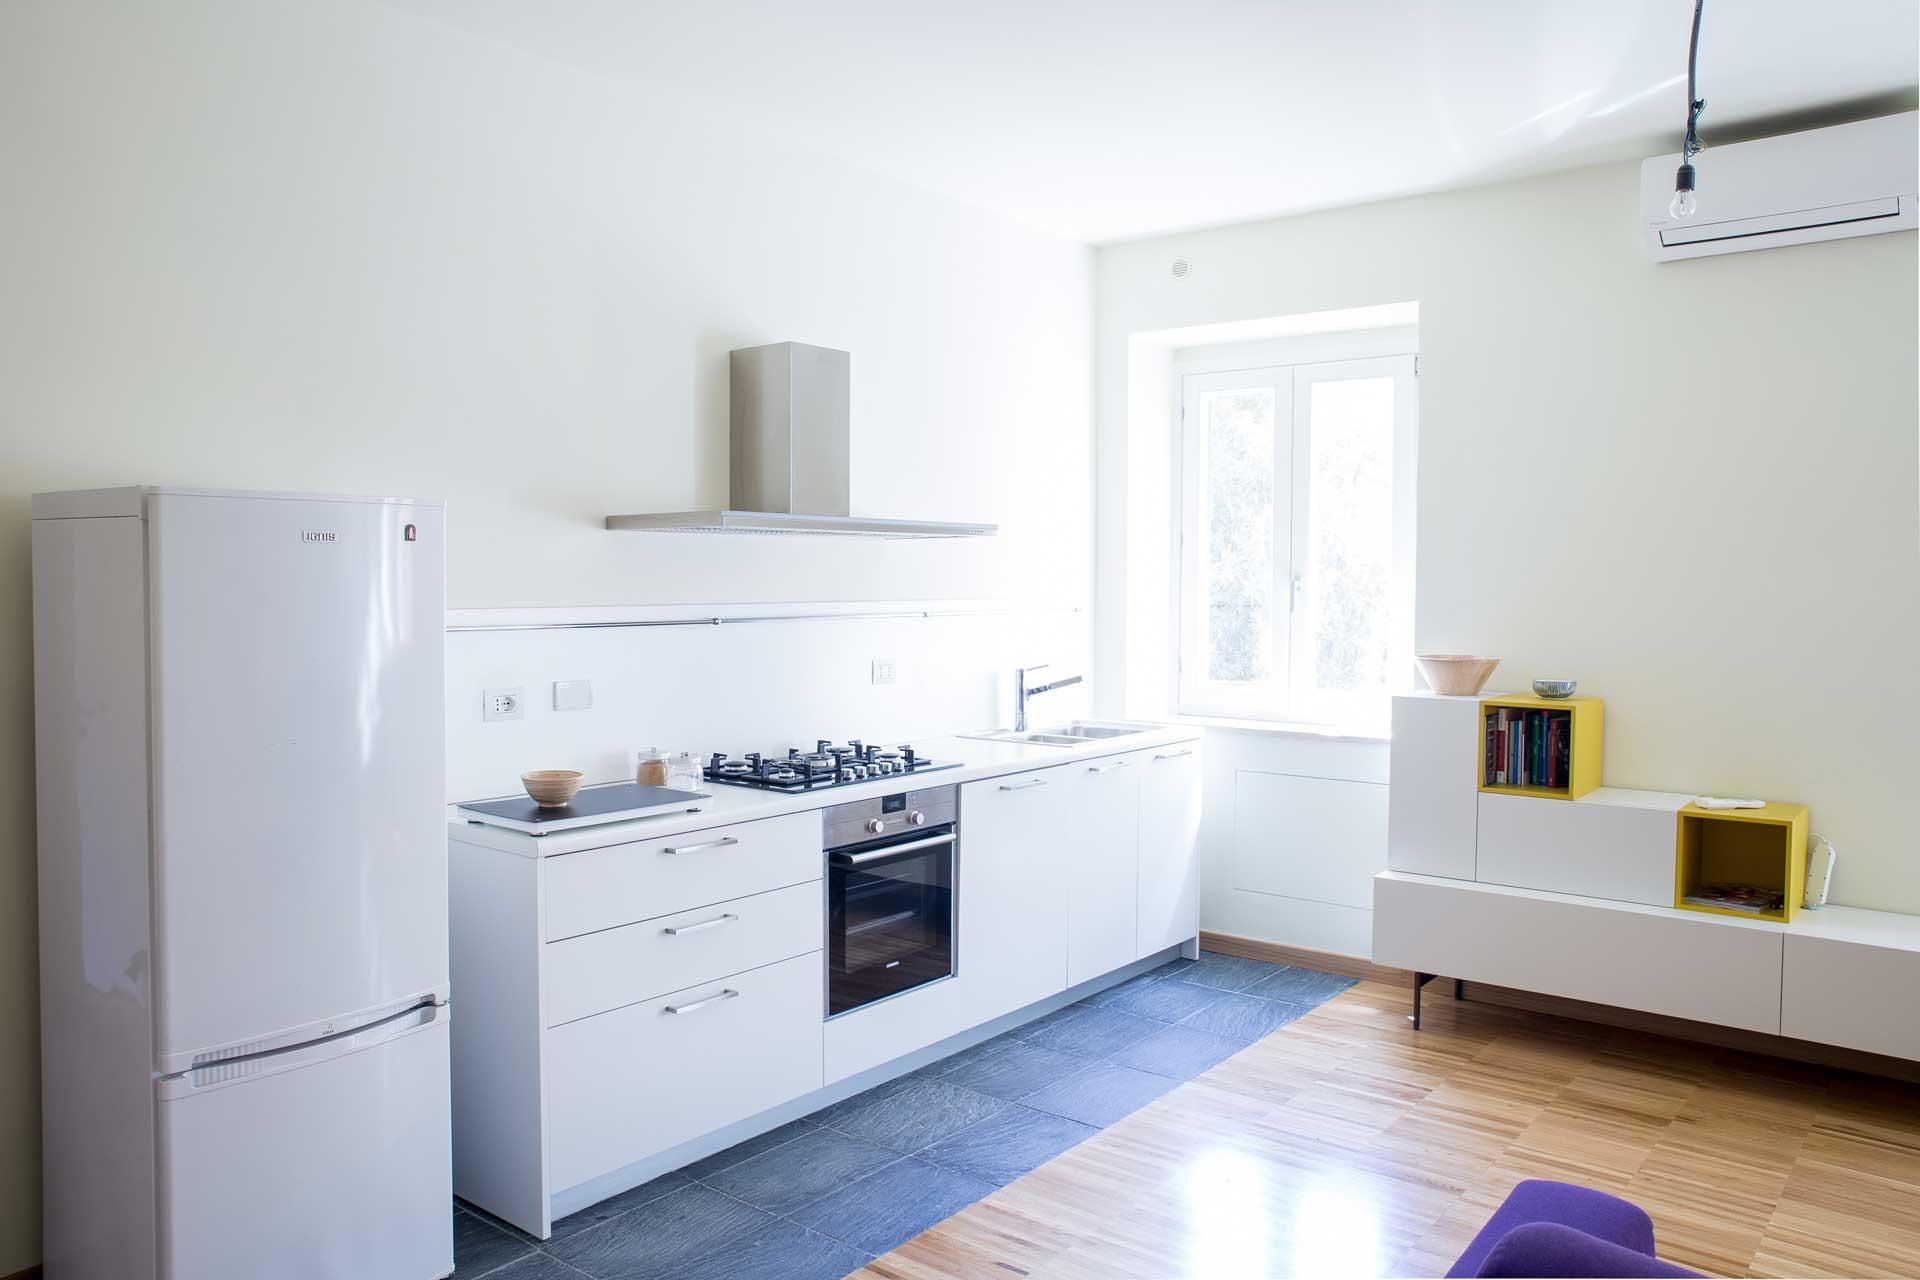 Ristrutturazione cucina Roma | Edilizia Farina